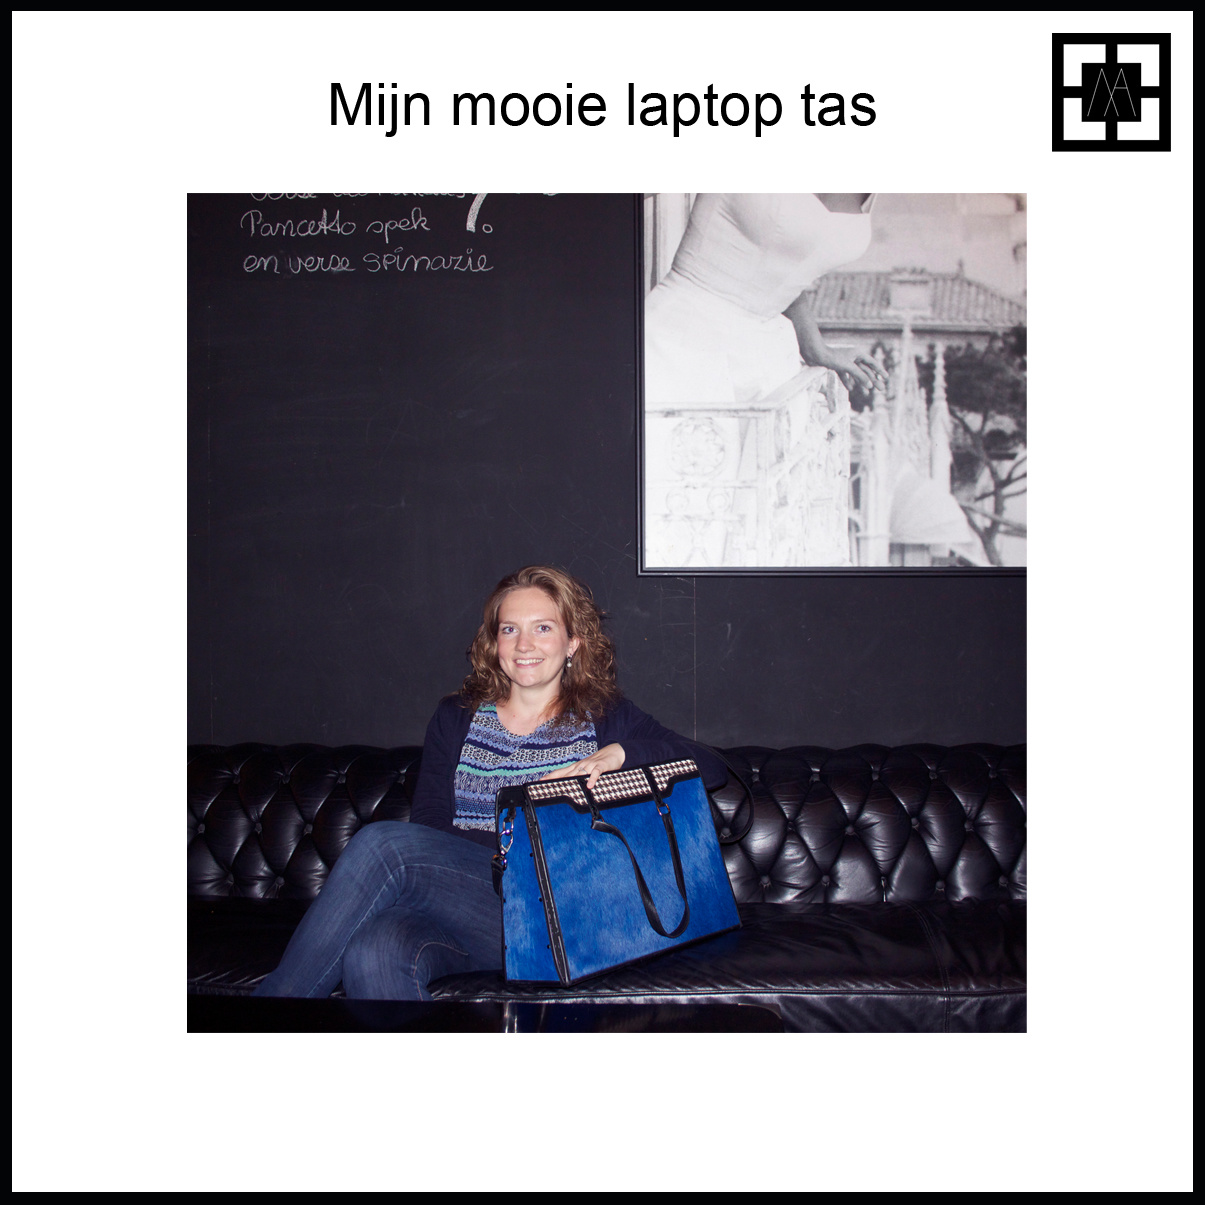 Al maanden was ik op zoek naar een mooie laptoptas